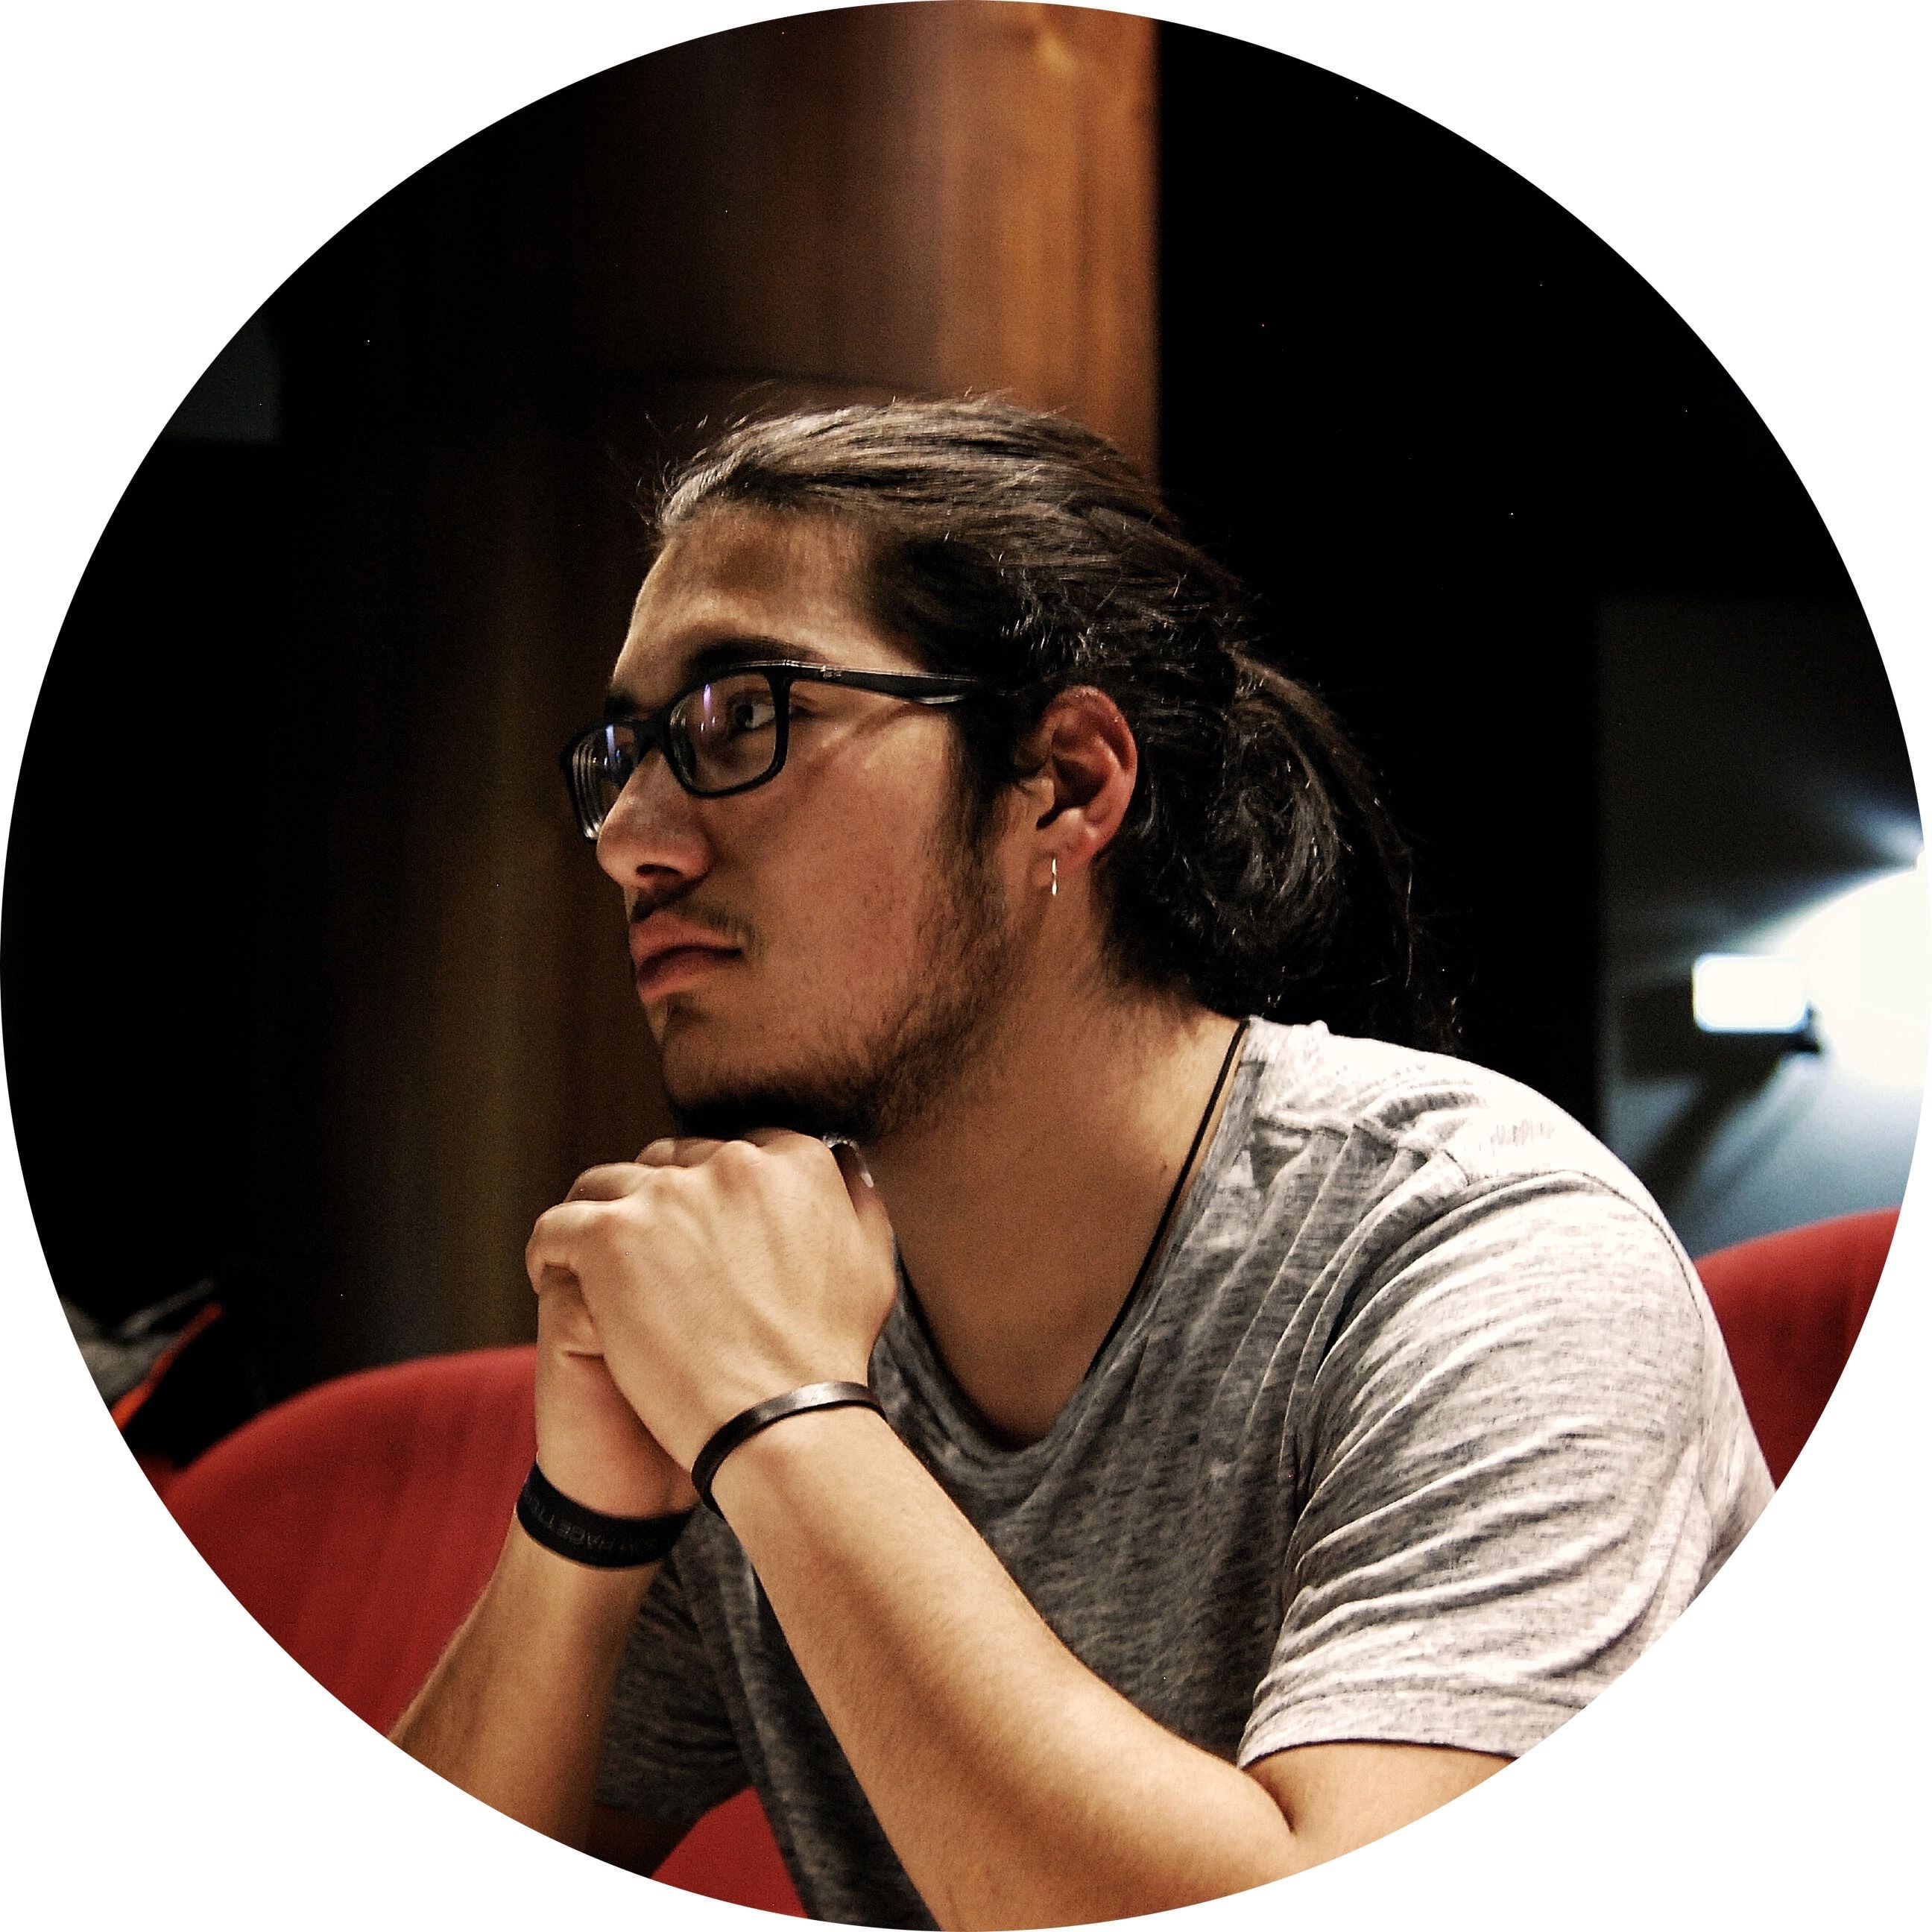 Go to Deniz Göçmen's profile